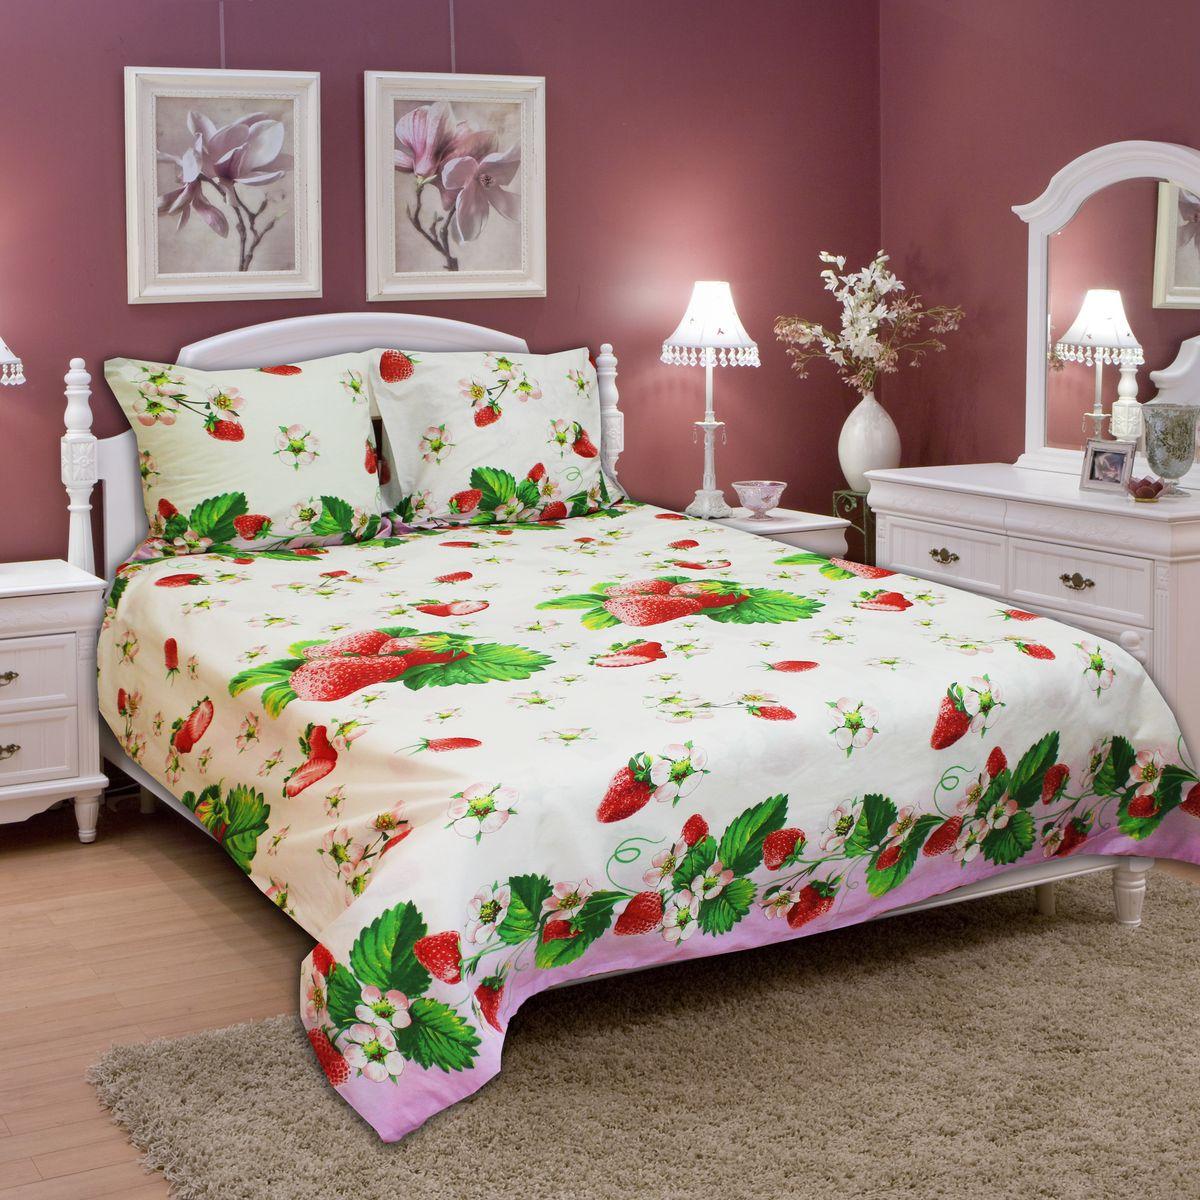 Комплект белья Amore Mio Strawberry, евро, наволочки 70х7077730Постельное белье из бязи практично и долговечно, а самое главное - это 100% хлопок! Материал великолепно отводит влагу, отлично пропускает воздух, не капризен в уходе, легко стирается и гладится. Новая коллекция Naturel 3-D дизайнов позволит выбрать постельное белье на любой вкус!